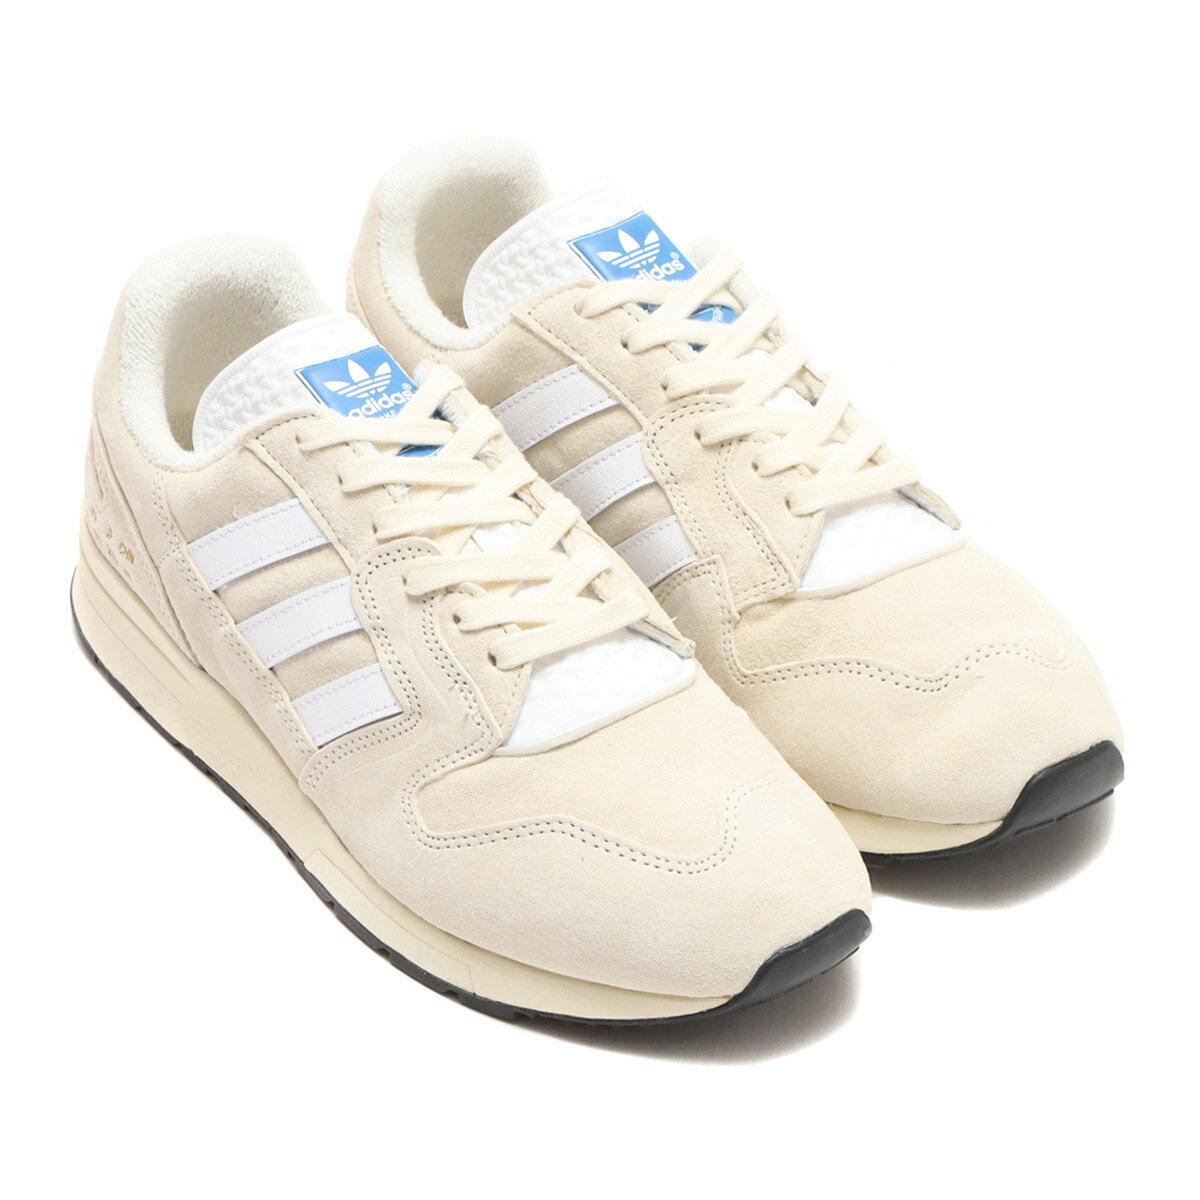 メンズ靴, スニーカー adidas ZX 420( 420)CREAM WHITEFOOTWEAR WHITECORE BLACK 21FW-I